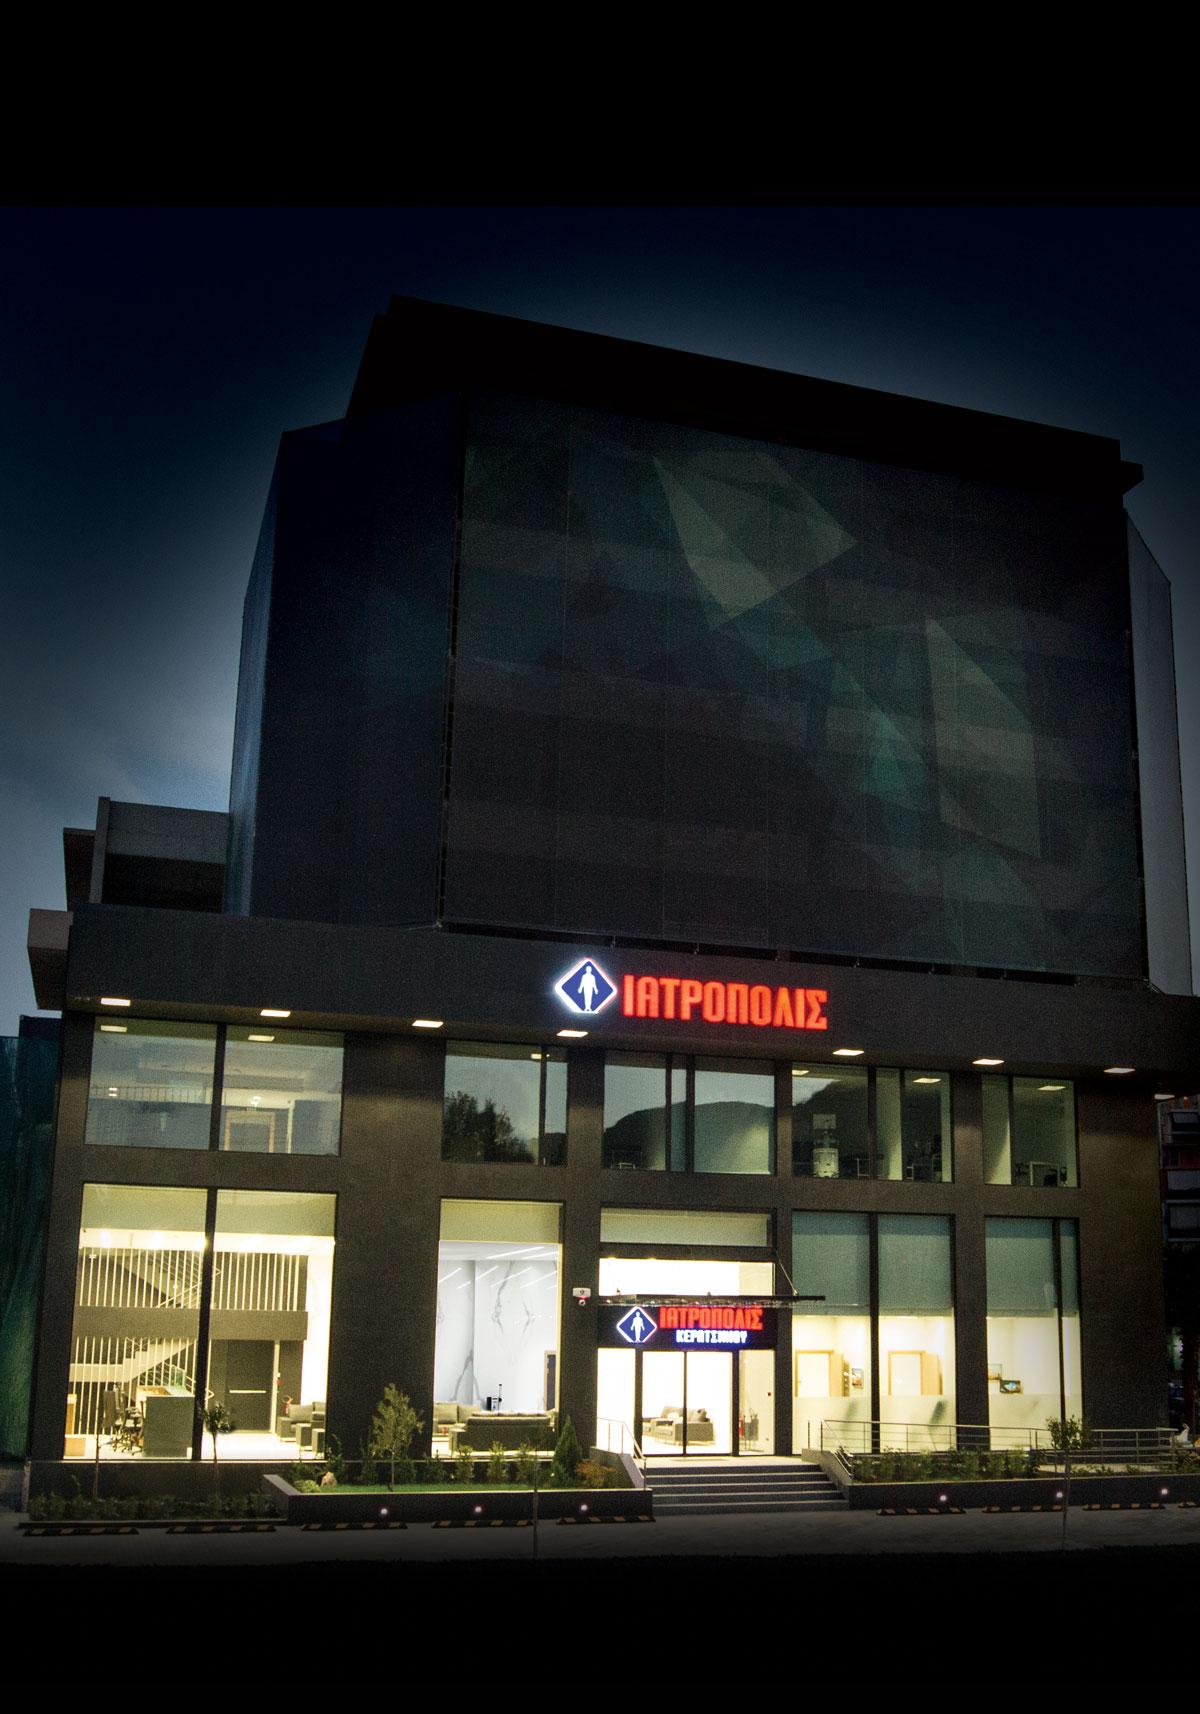 Το Ιατρόπολις πάει Κερατσίνι με επένδυση 9 εκατ. ευρώ!